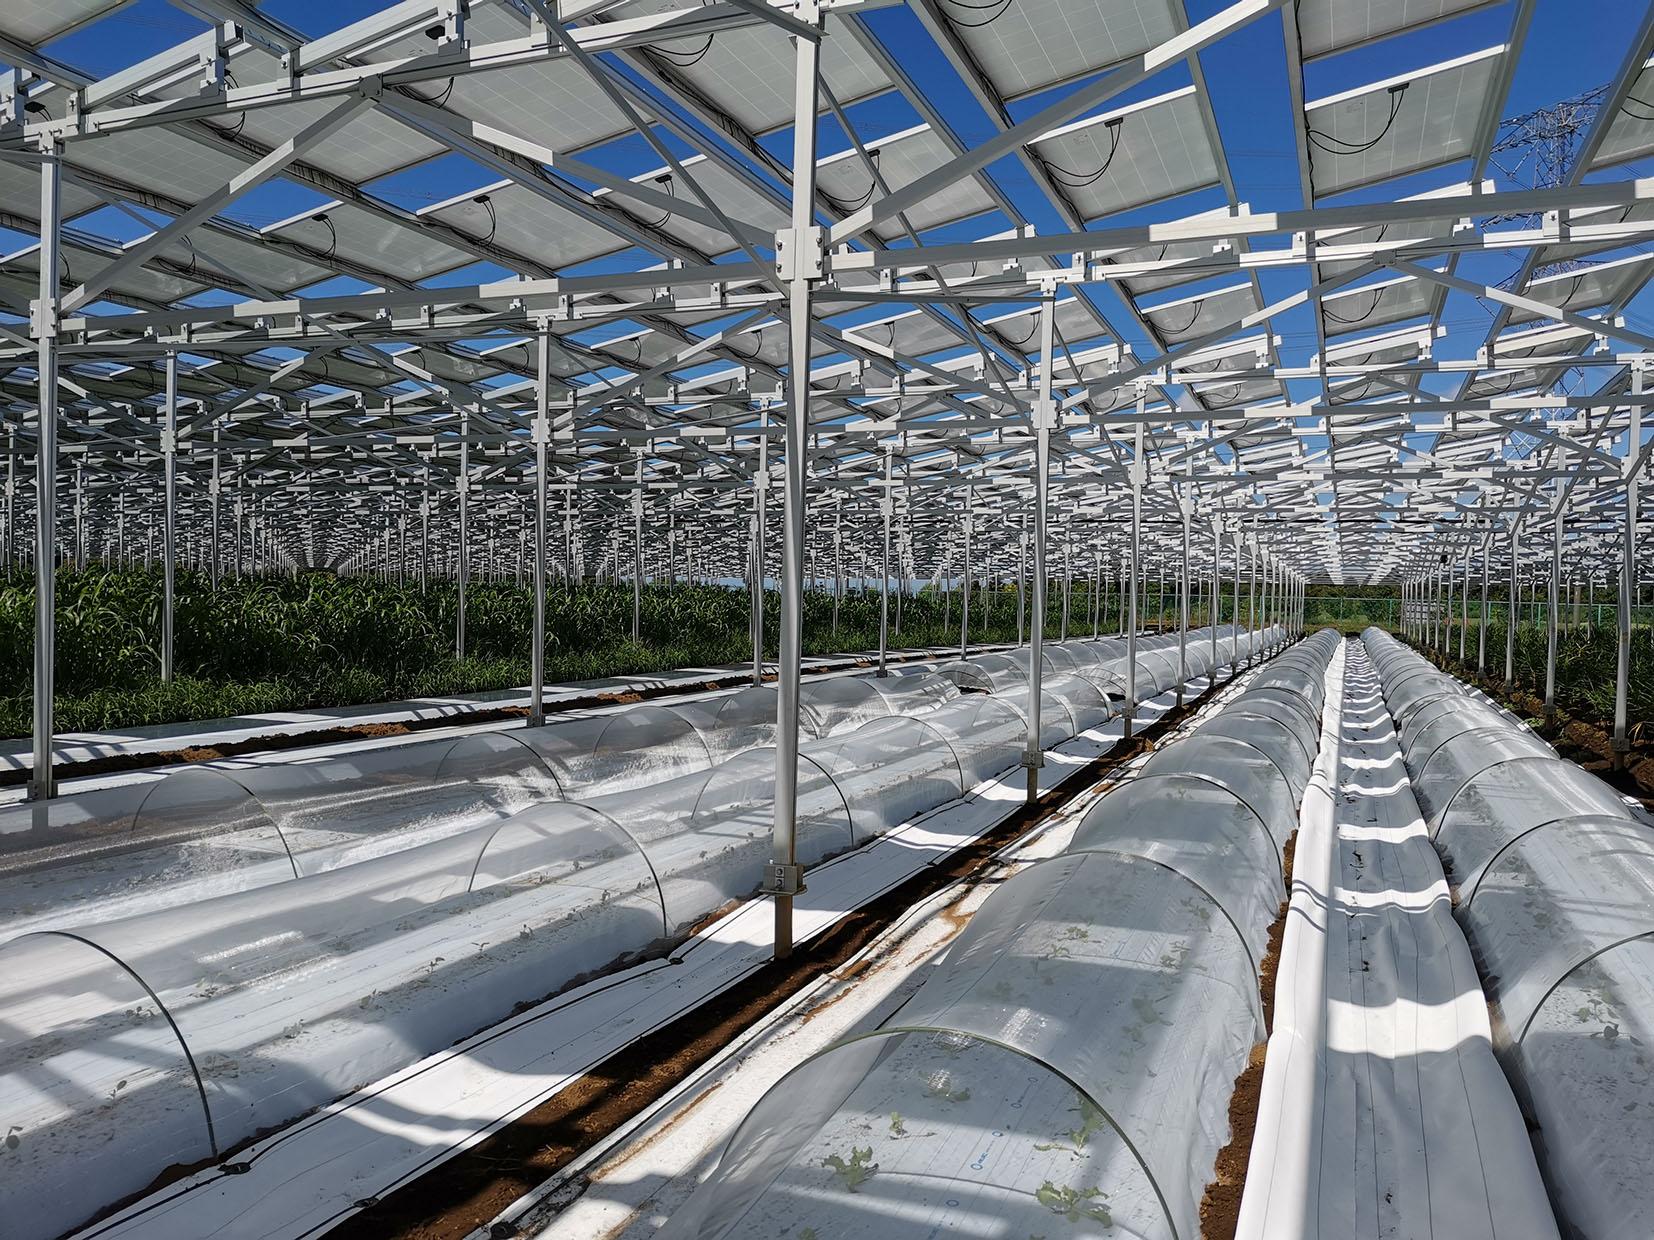 【第一実践者に聞く】ソーラーシェアリング課題と未来